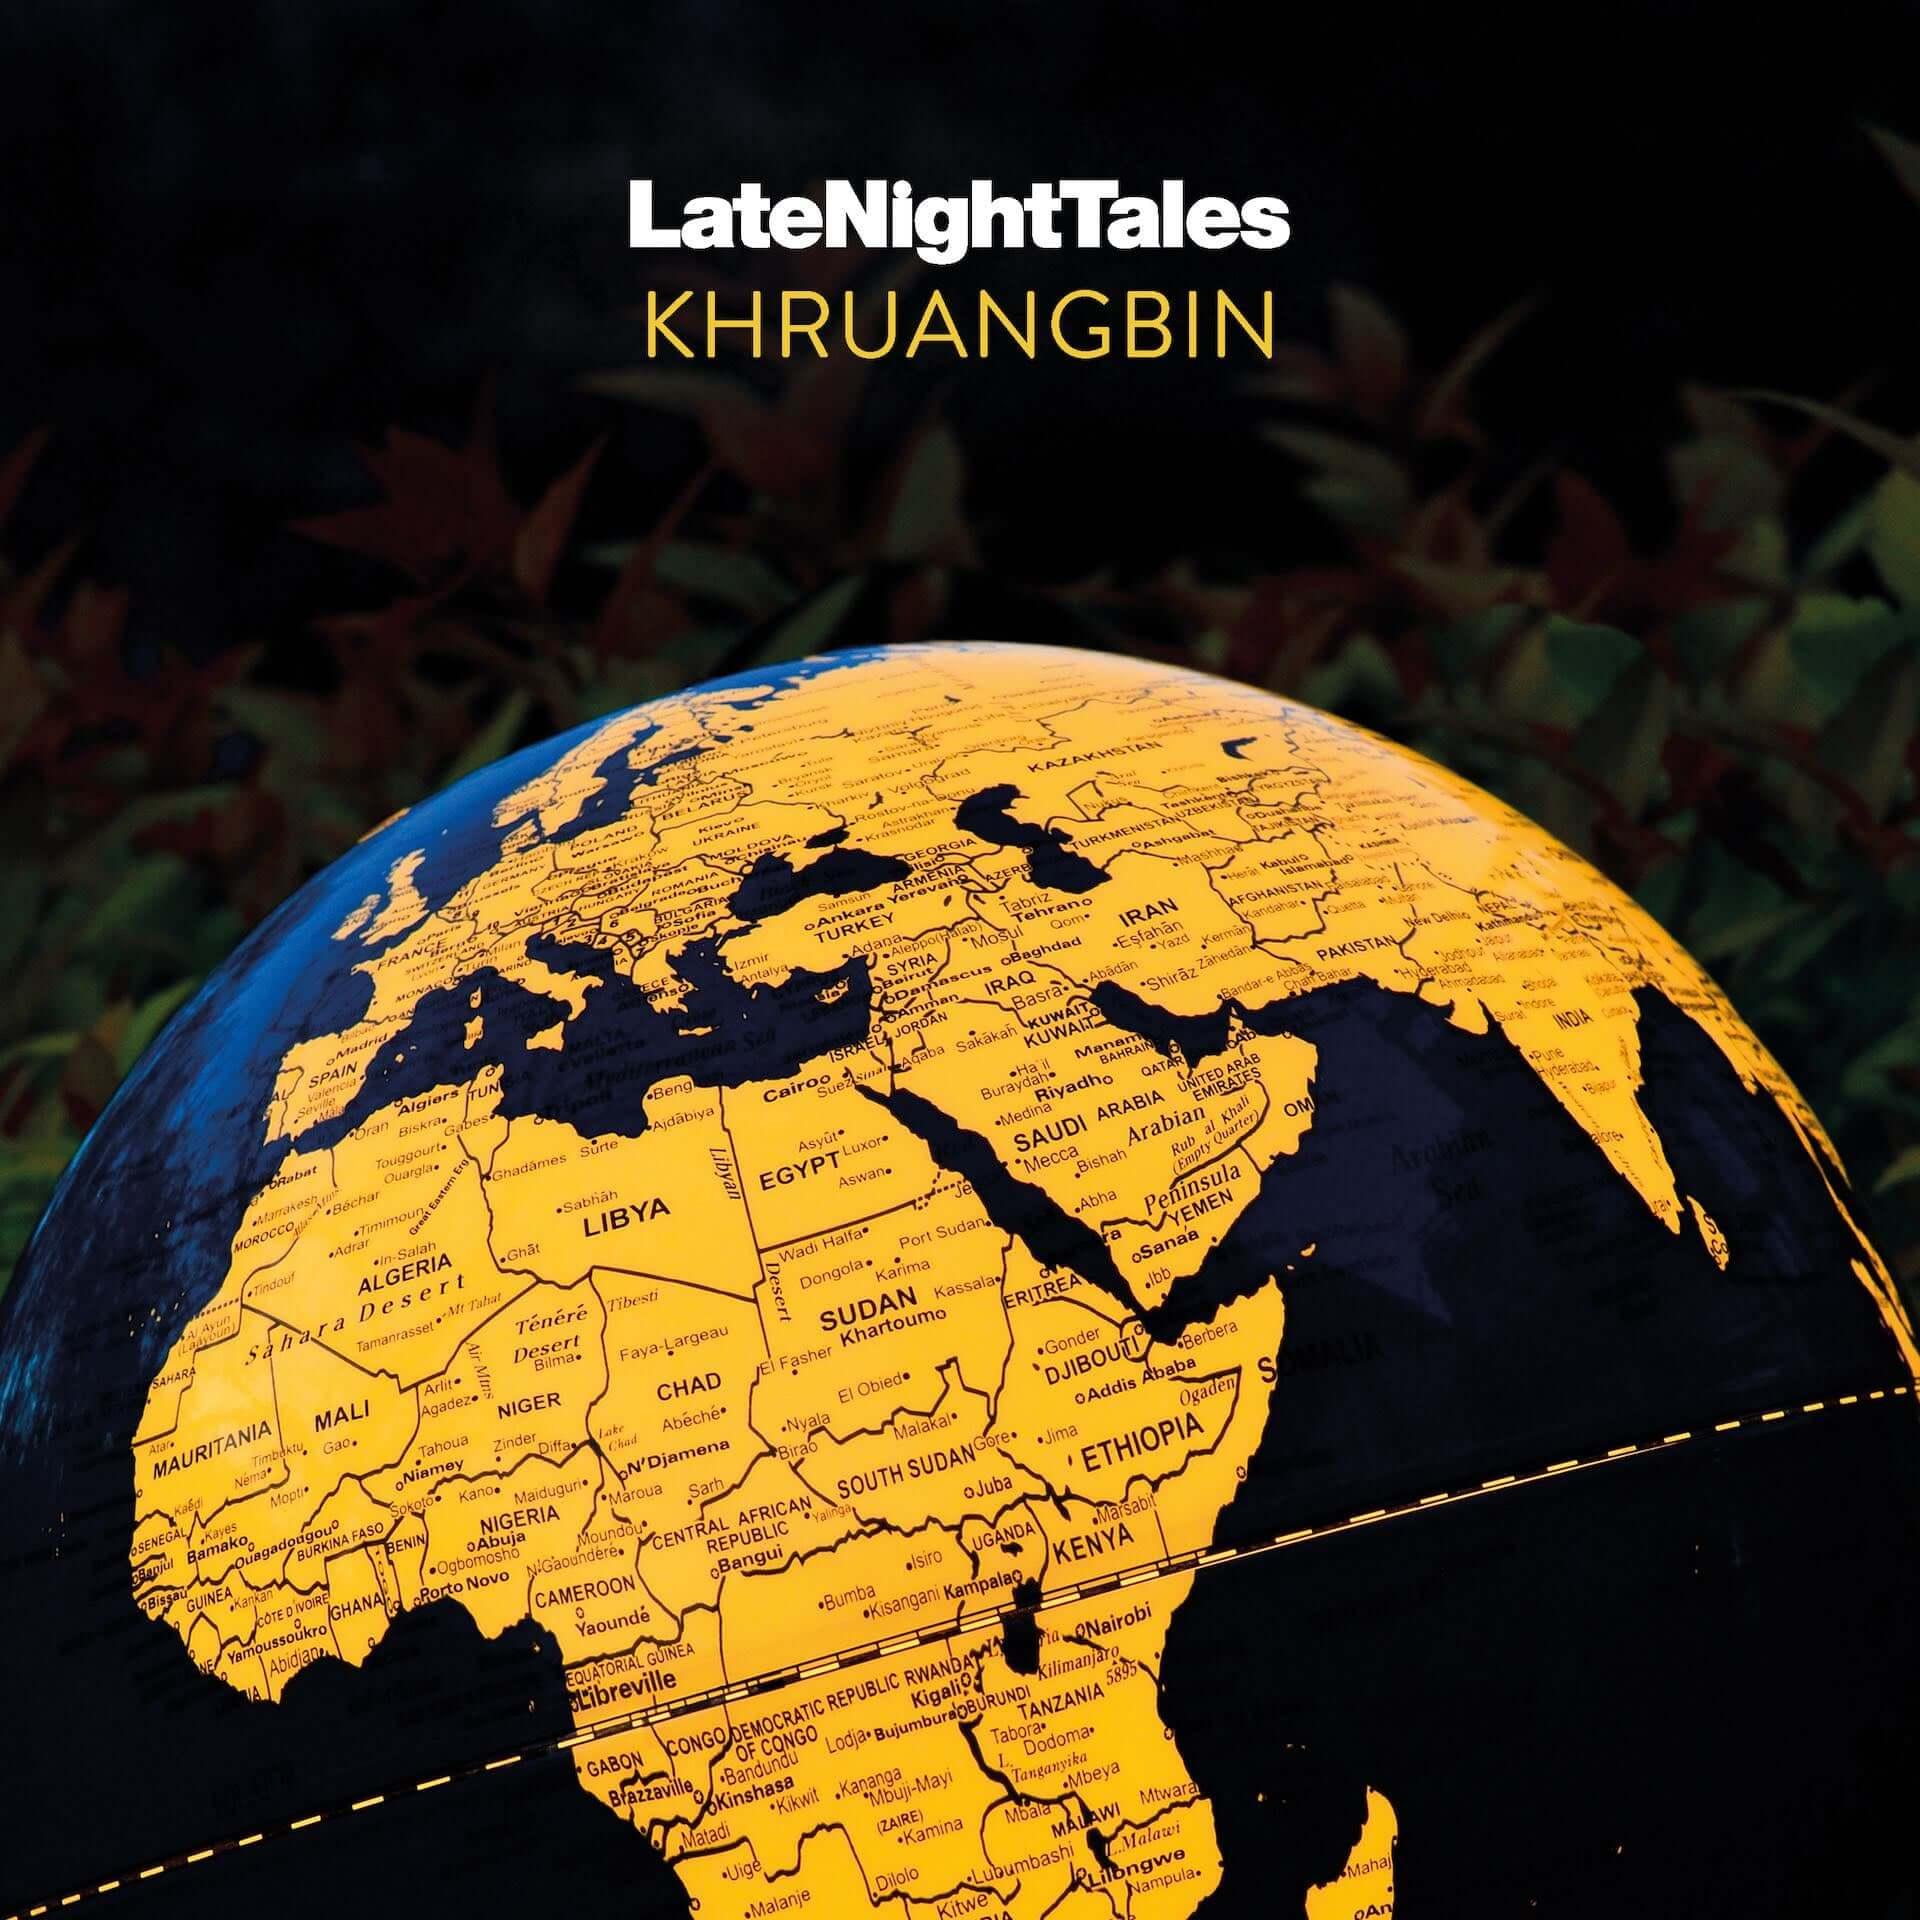 クルアンビンによる夜聴きコンピの決定盤『Late Night Tales』リリース!柳ジョージによるレア・グルーヴの名曲も収録